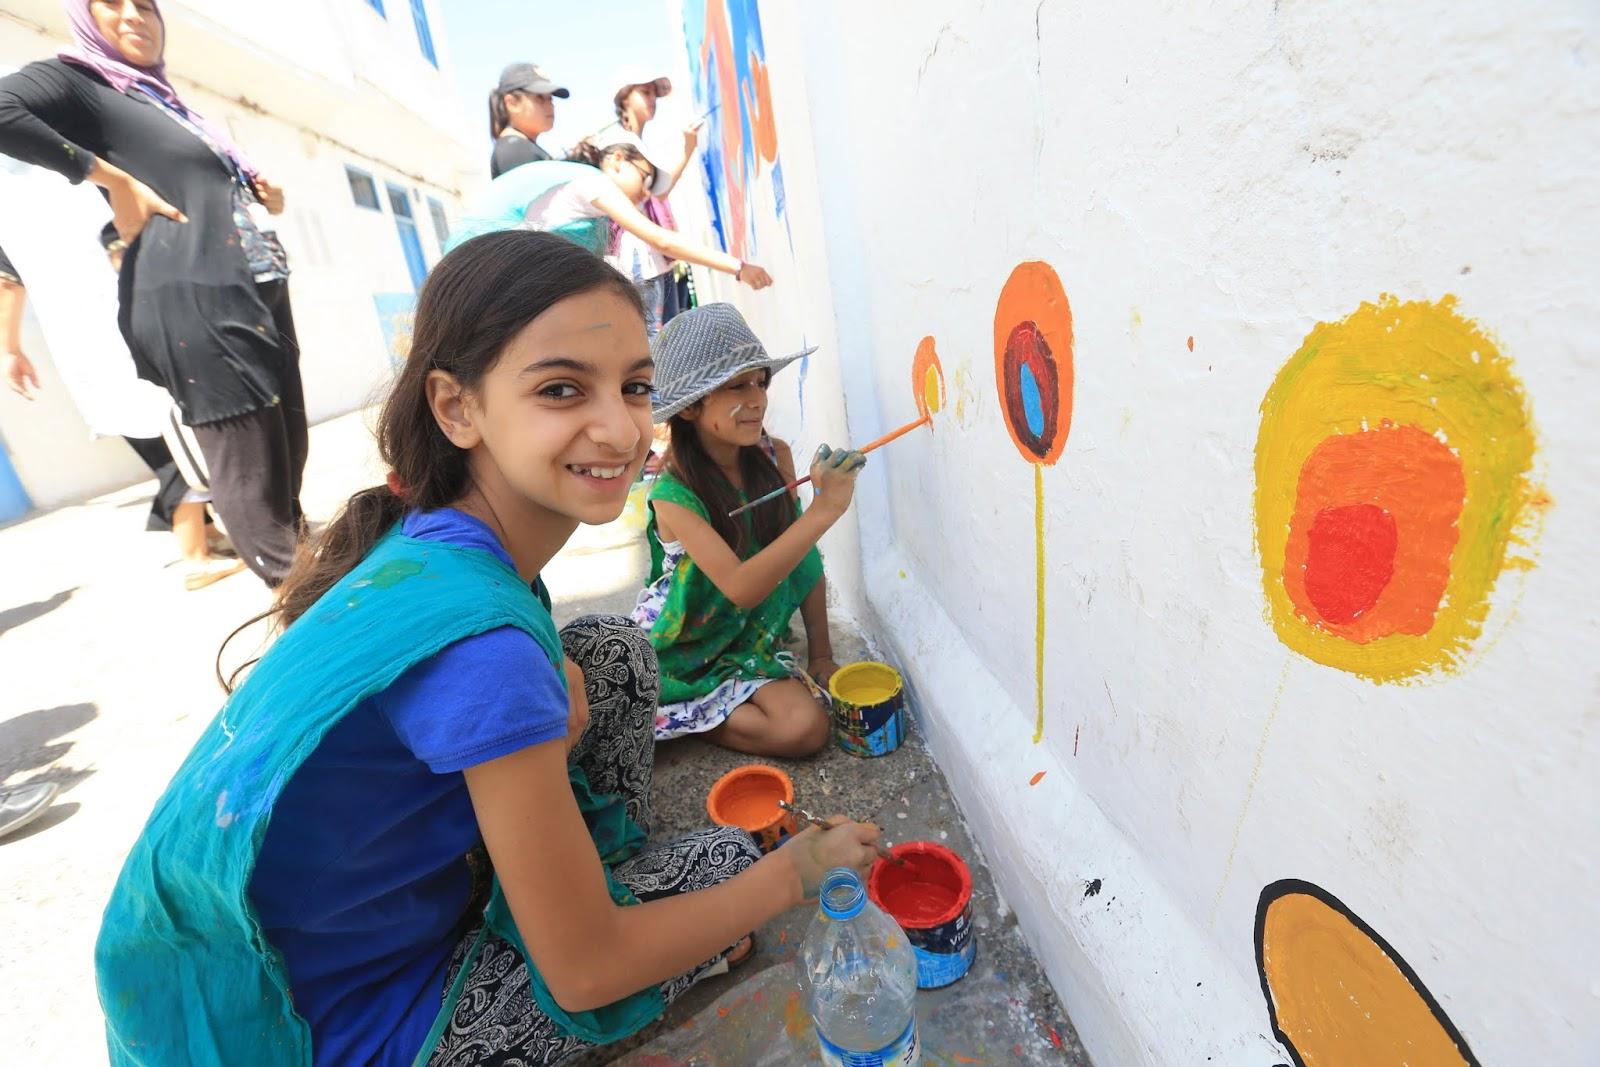 2017-7-22 مشغل و جدارية الاطفال